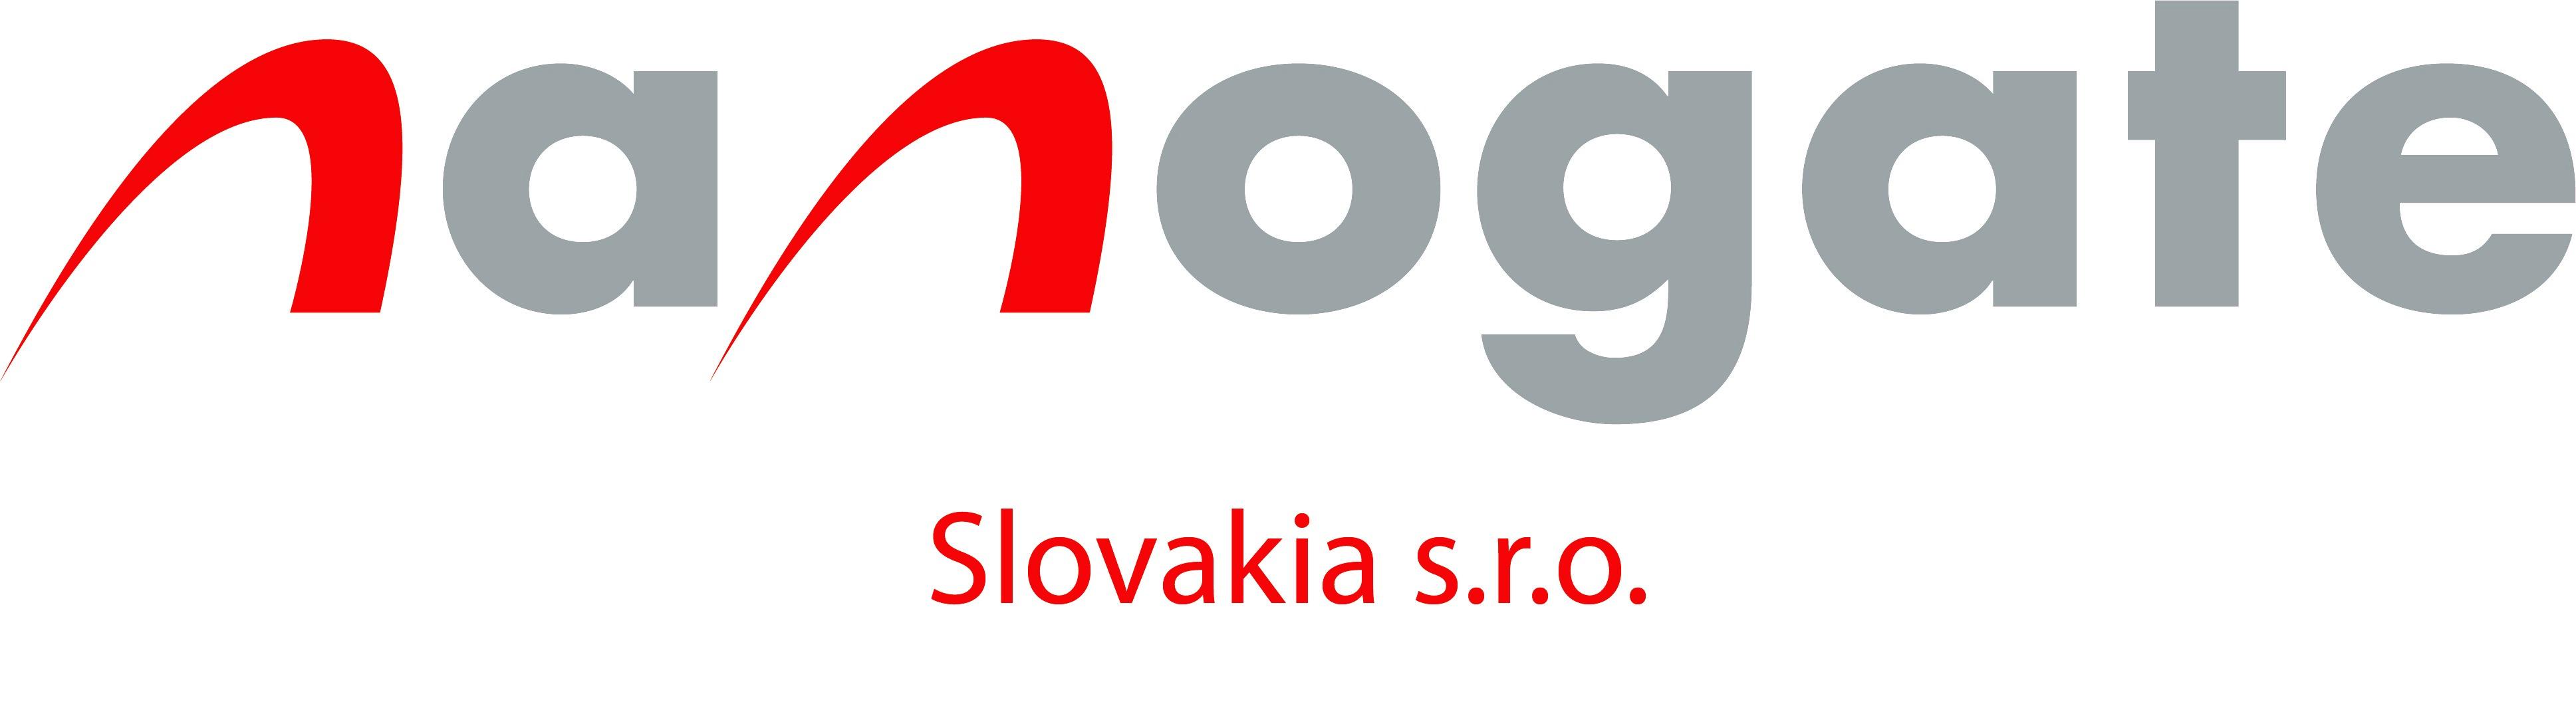 Nanogate Slovakia s.r.o.